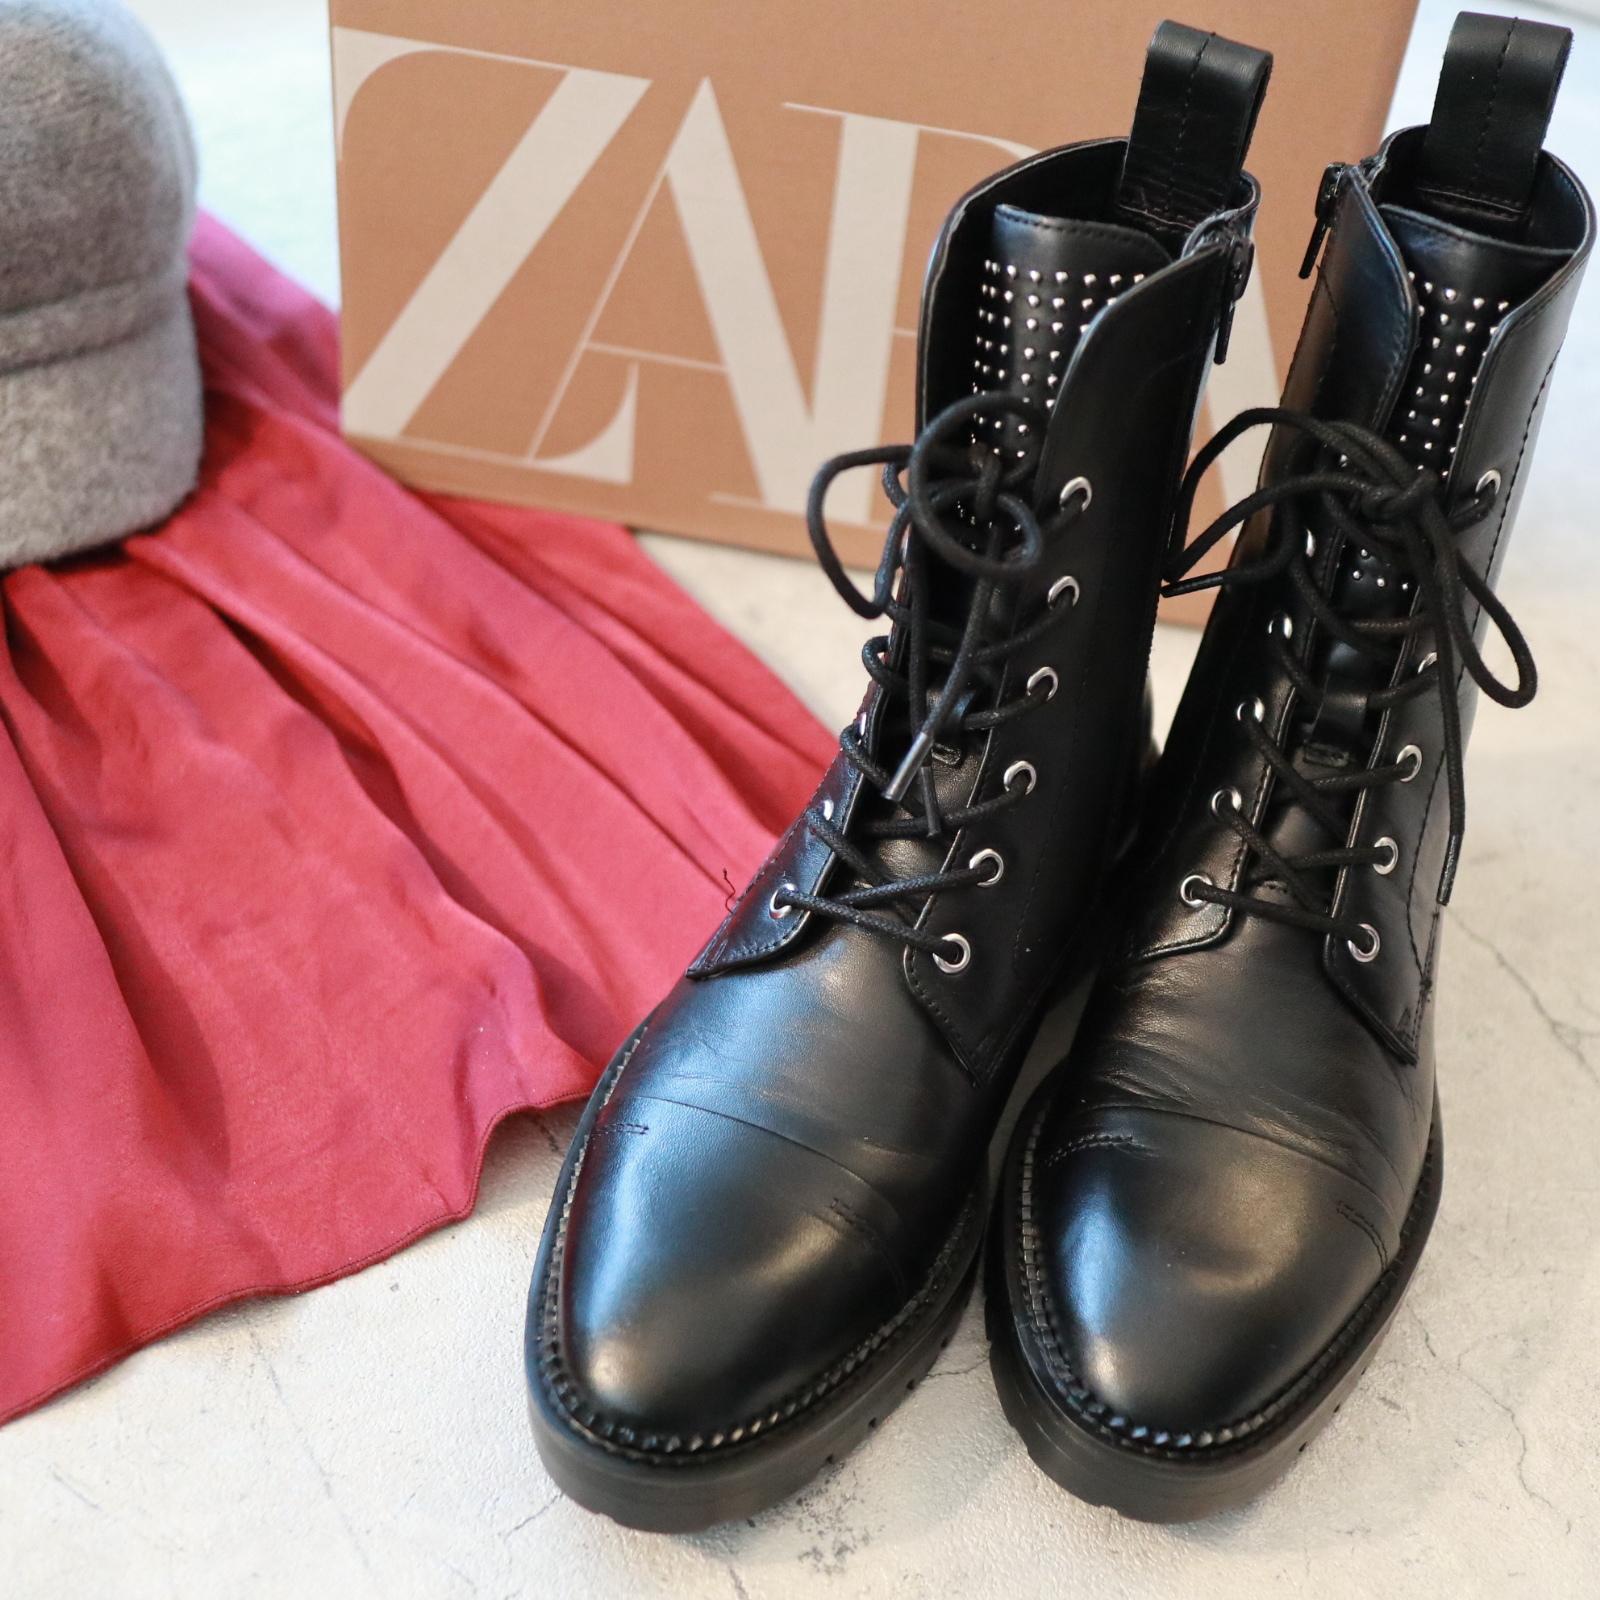 Zara ブーツ